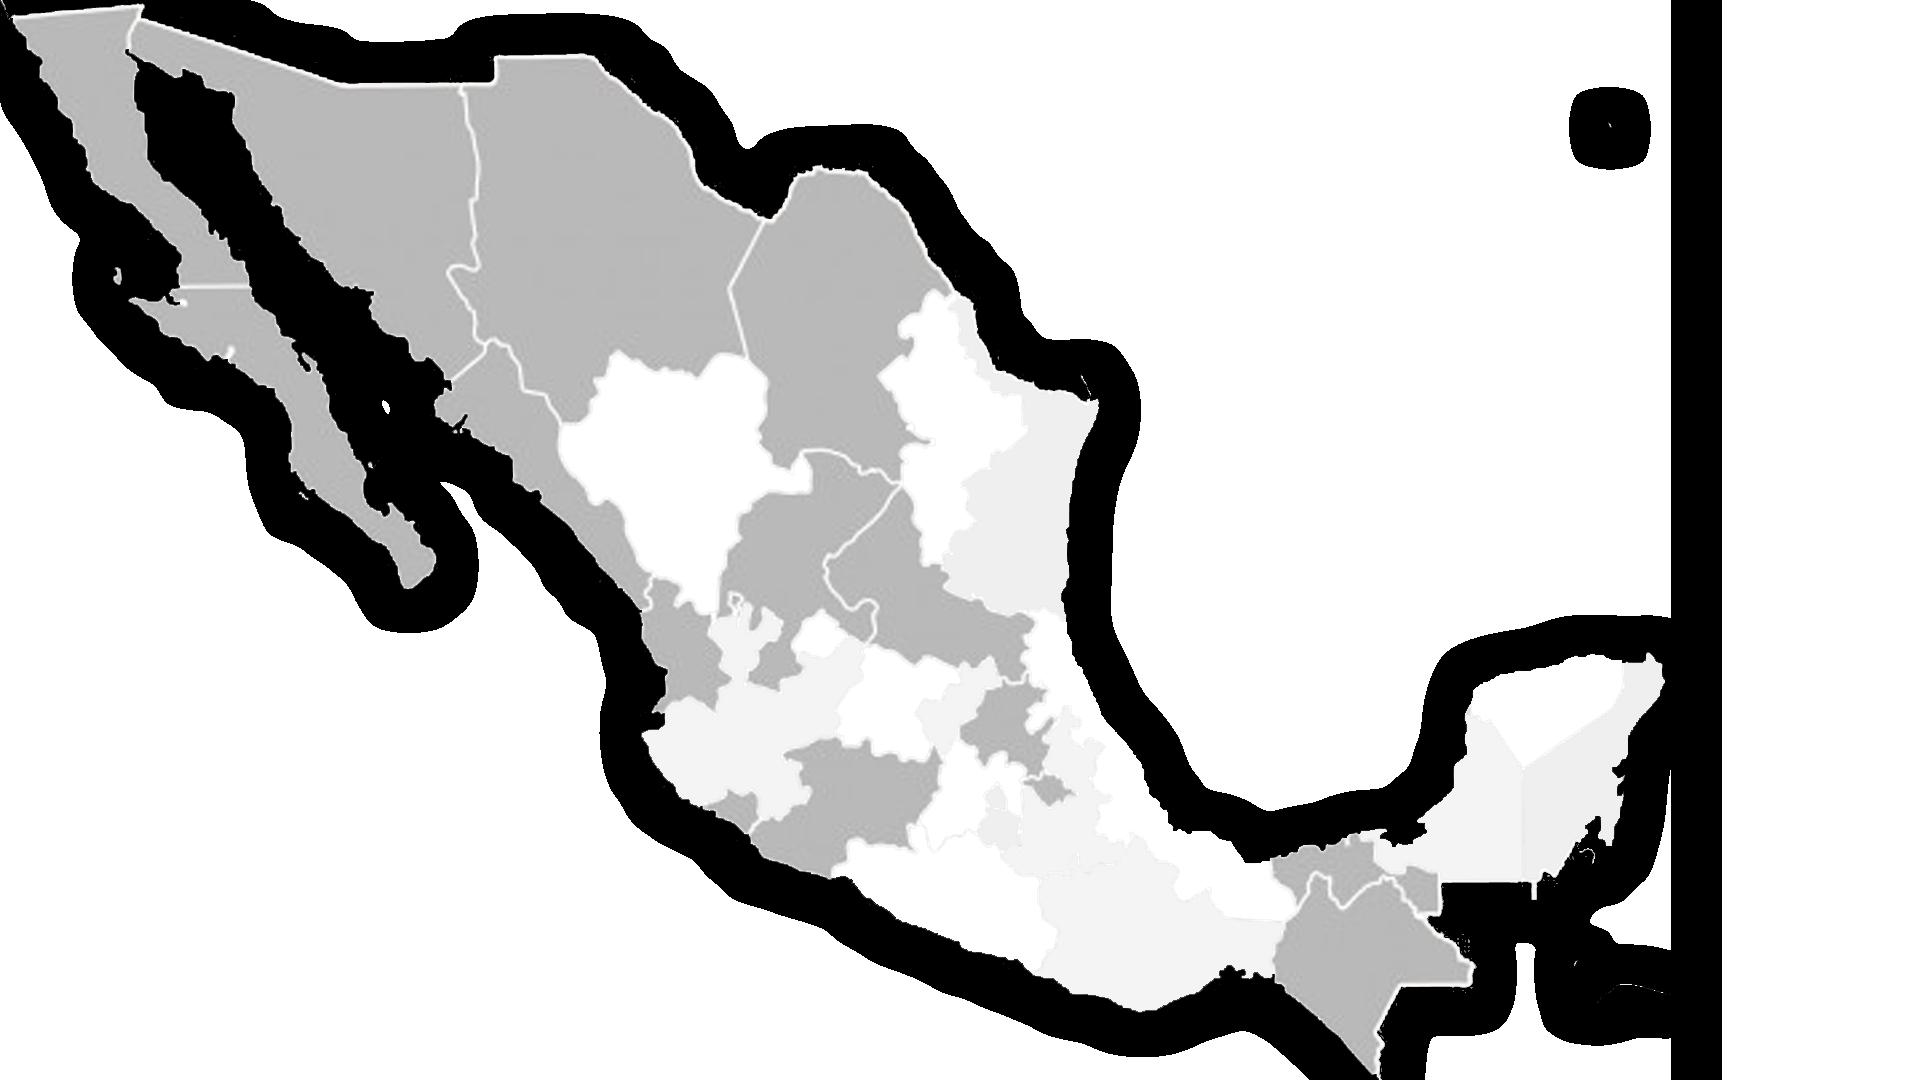 Mapa de méxico -red de distribución